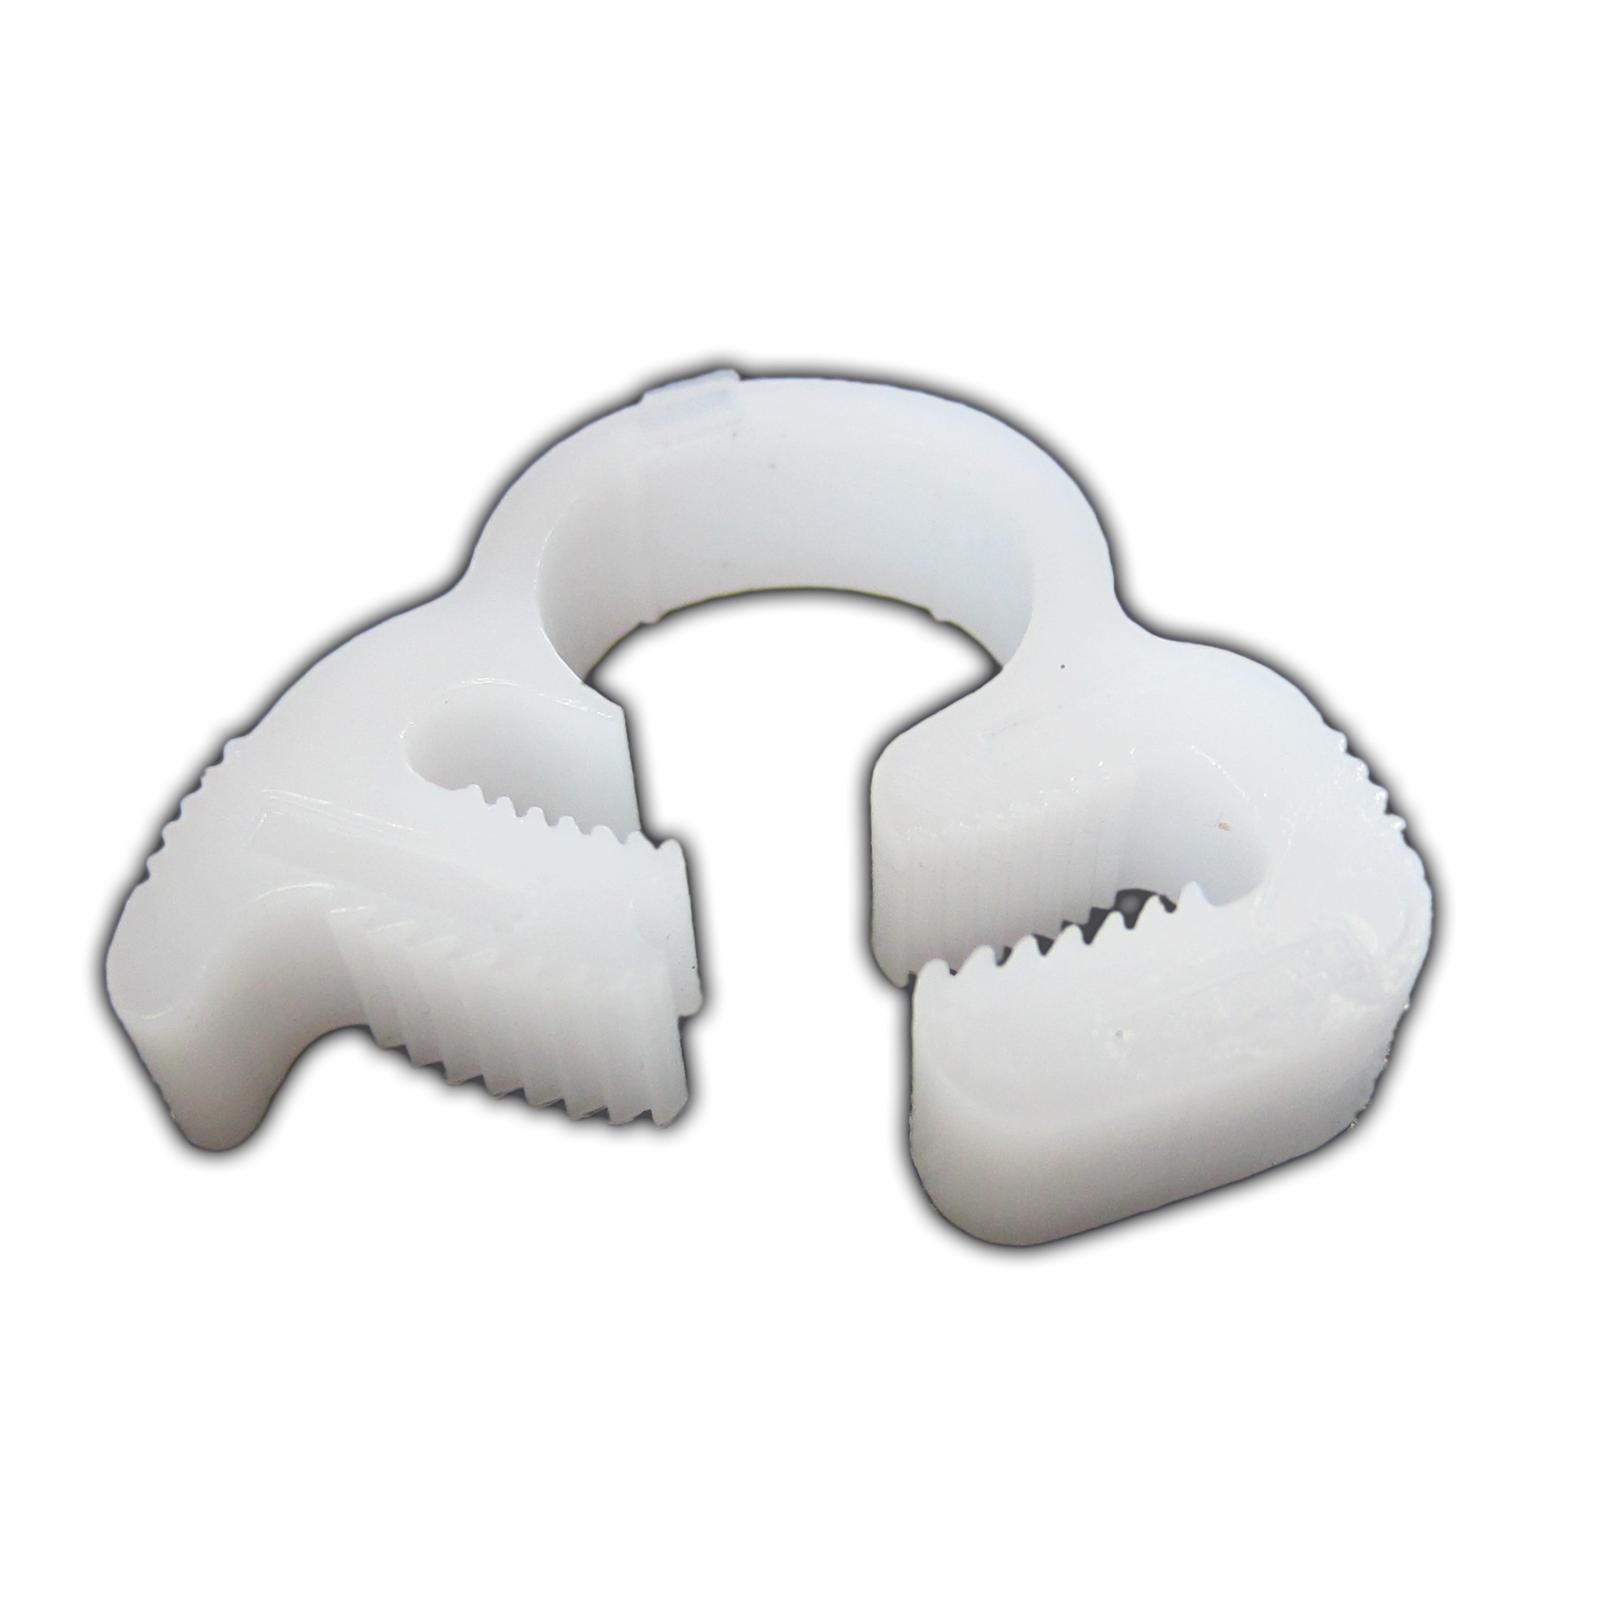 AQUA MEDIC Hose Clip se compose de lot de 4 colliers de serrage pour tuyau de 6 à 7 mm